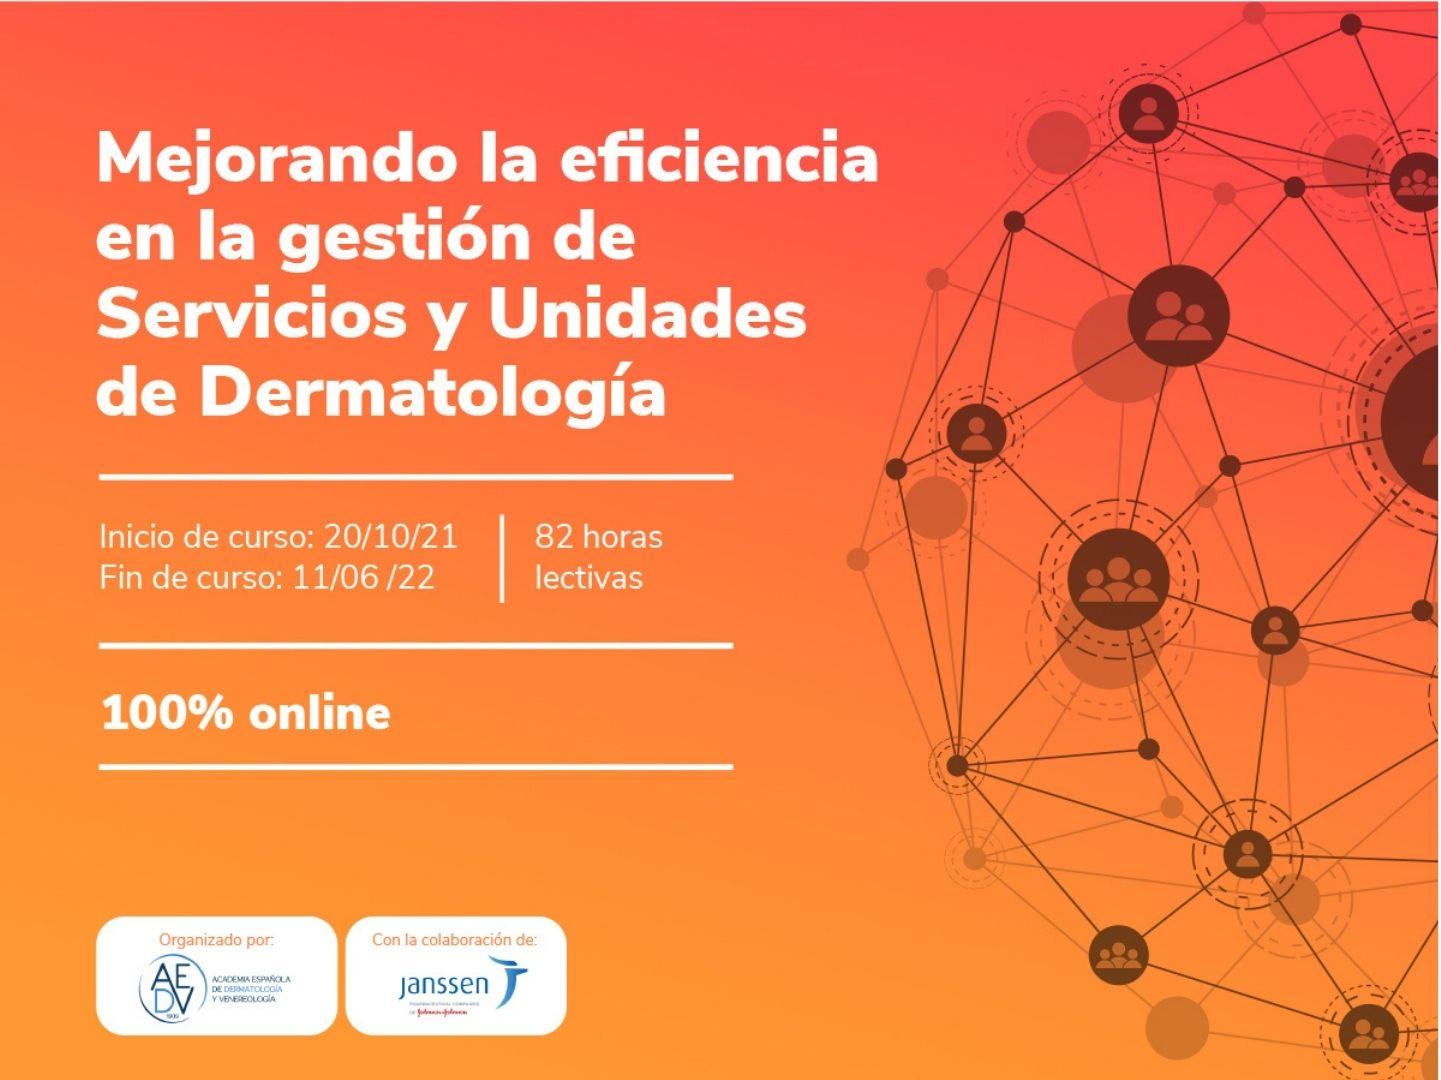 Mejorando la Eficiencia en la Gestión de Servicios y Unidades de Dermatología